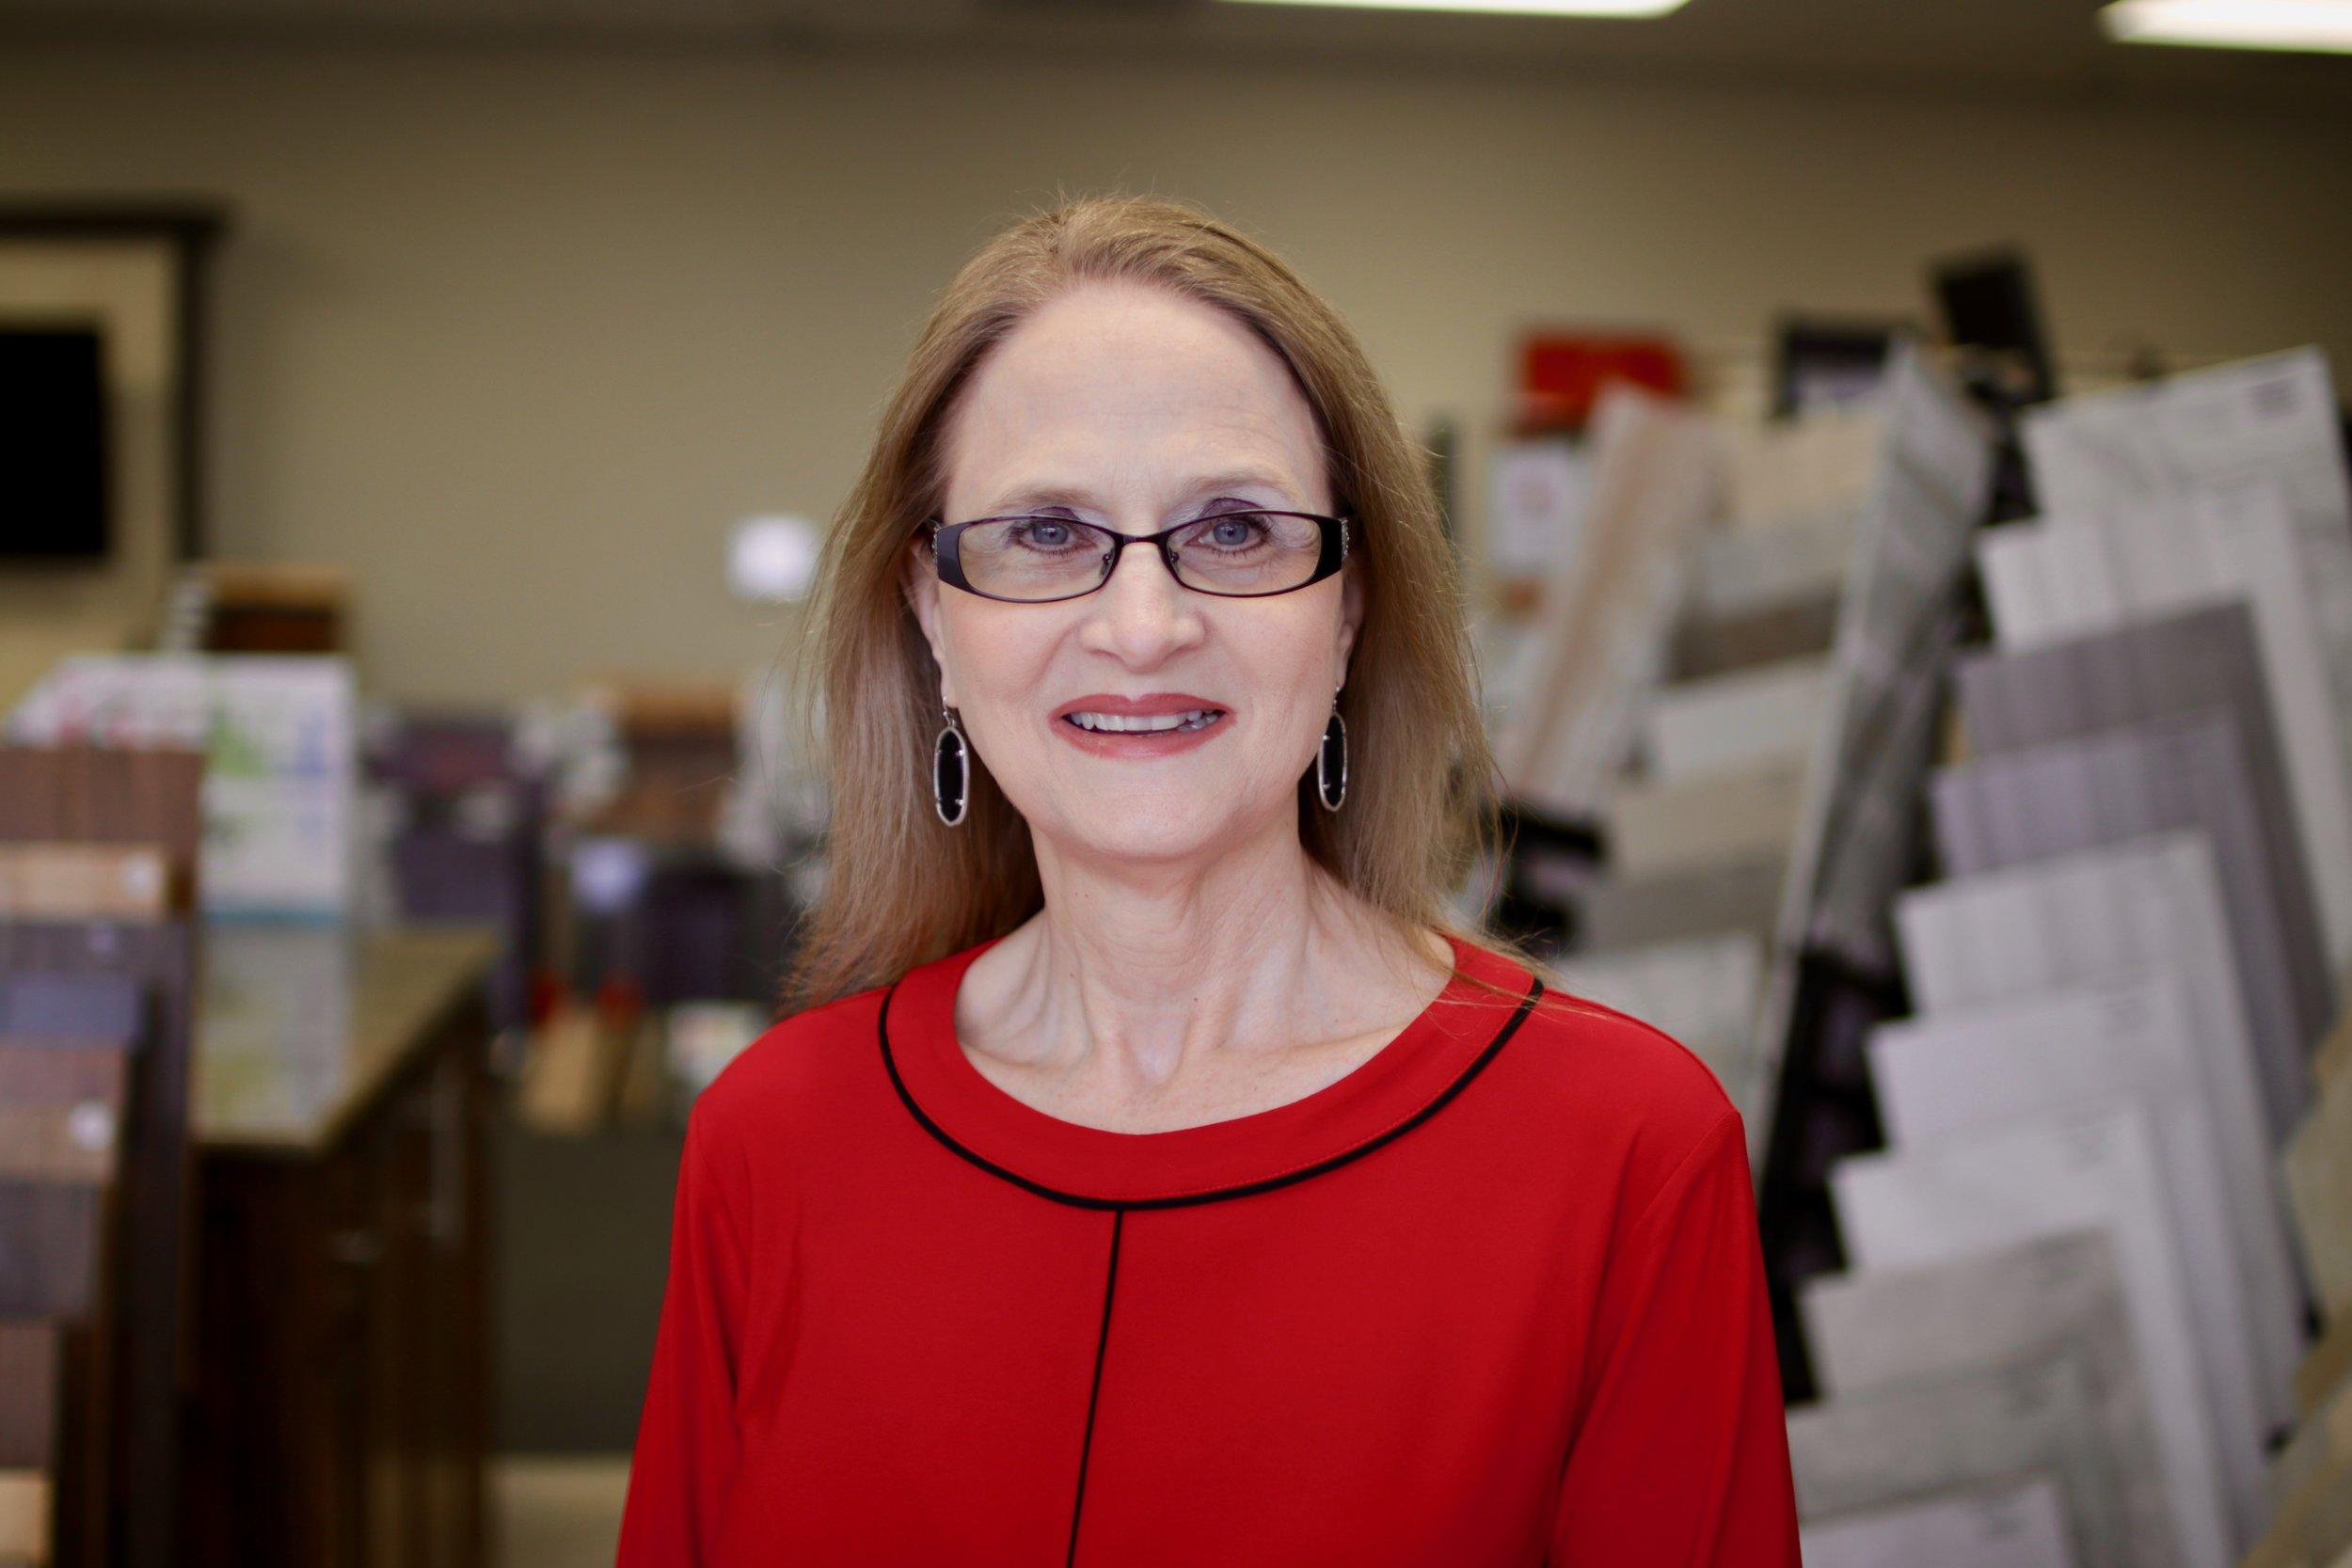 Tina Aird - Executive Administrative Assistant - October 2017